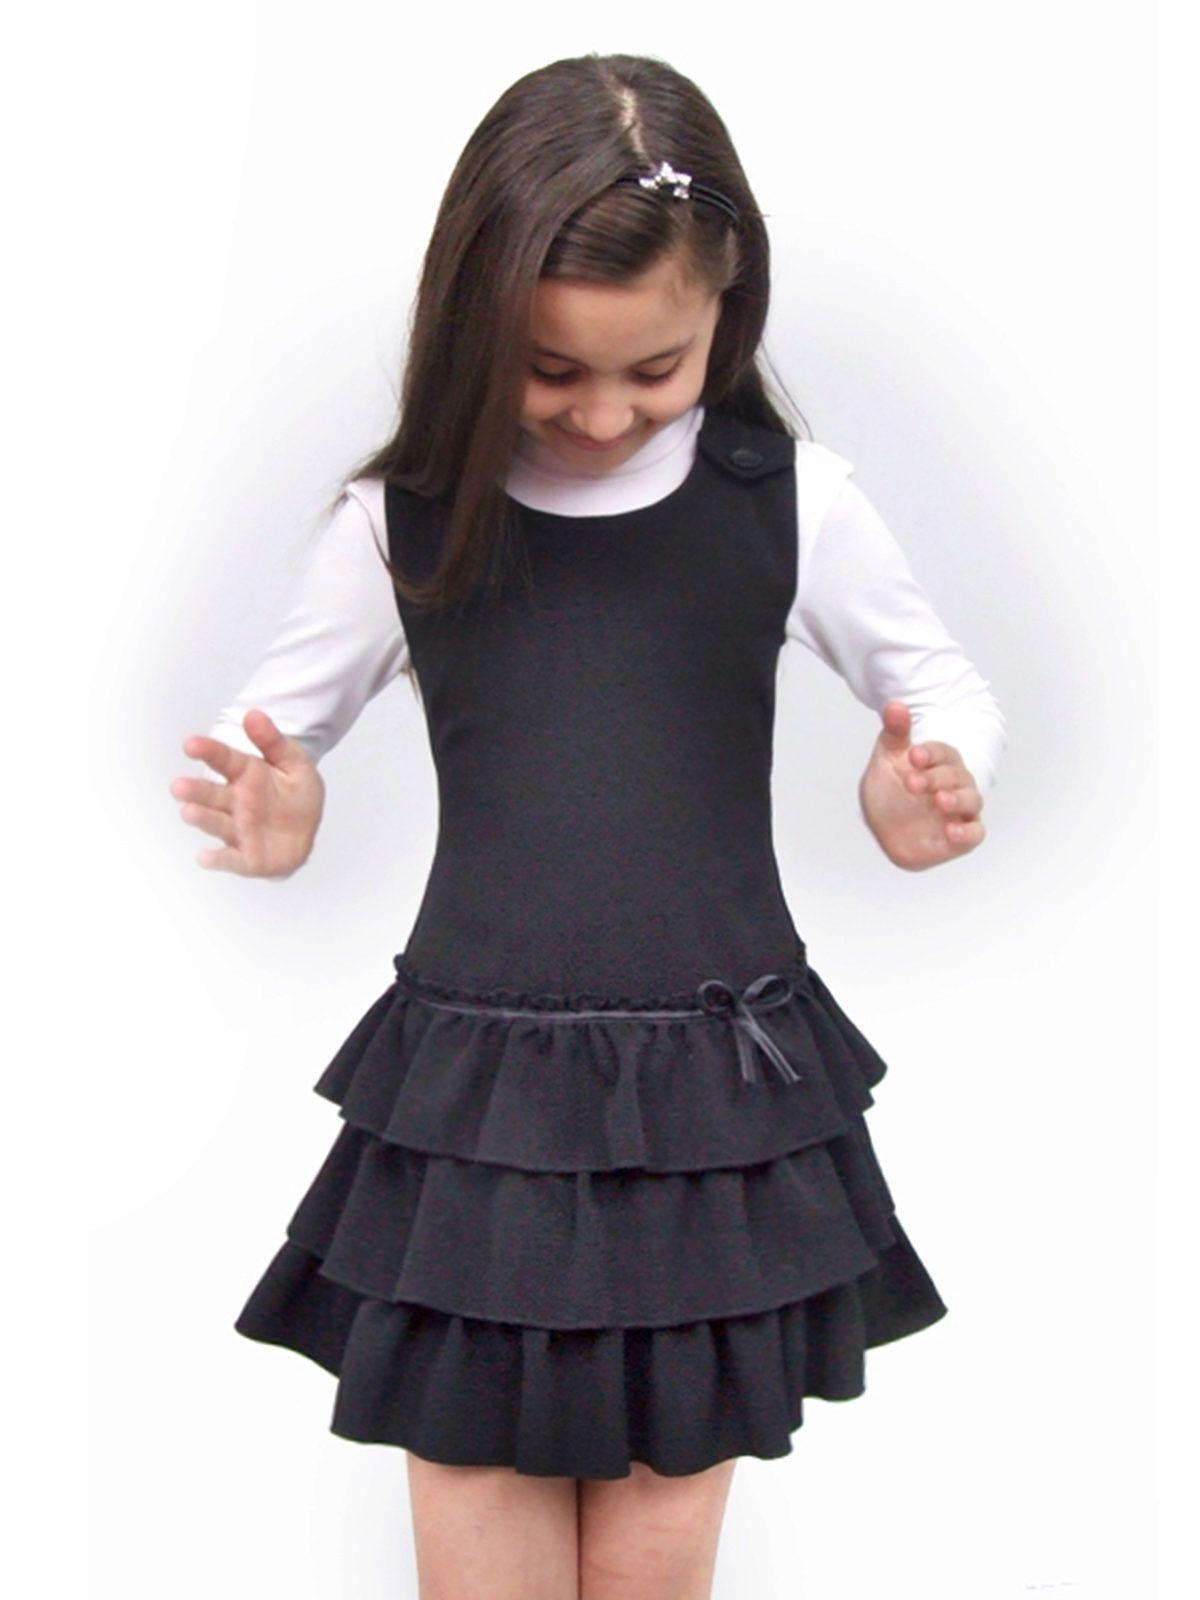 e5b745b4989f1 Школьные сарафаны для девочек (141 фото): школьная форма для  старшеклассницы, модные фасоны сарафанов в школу